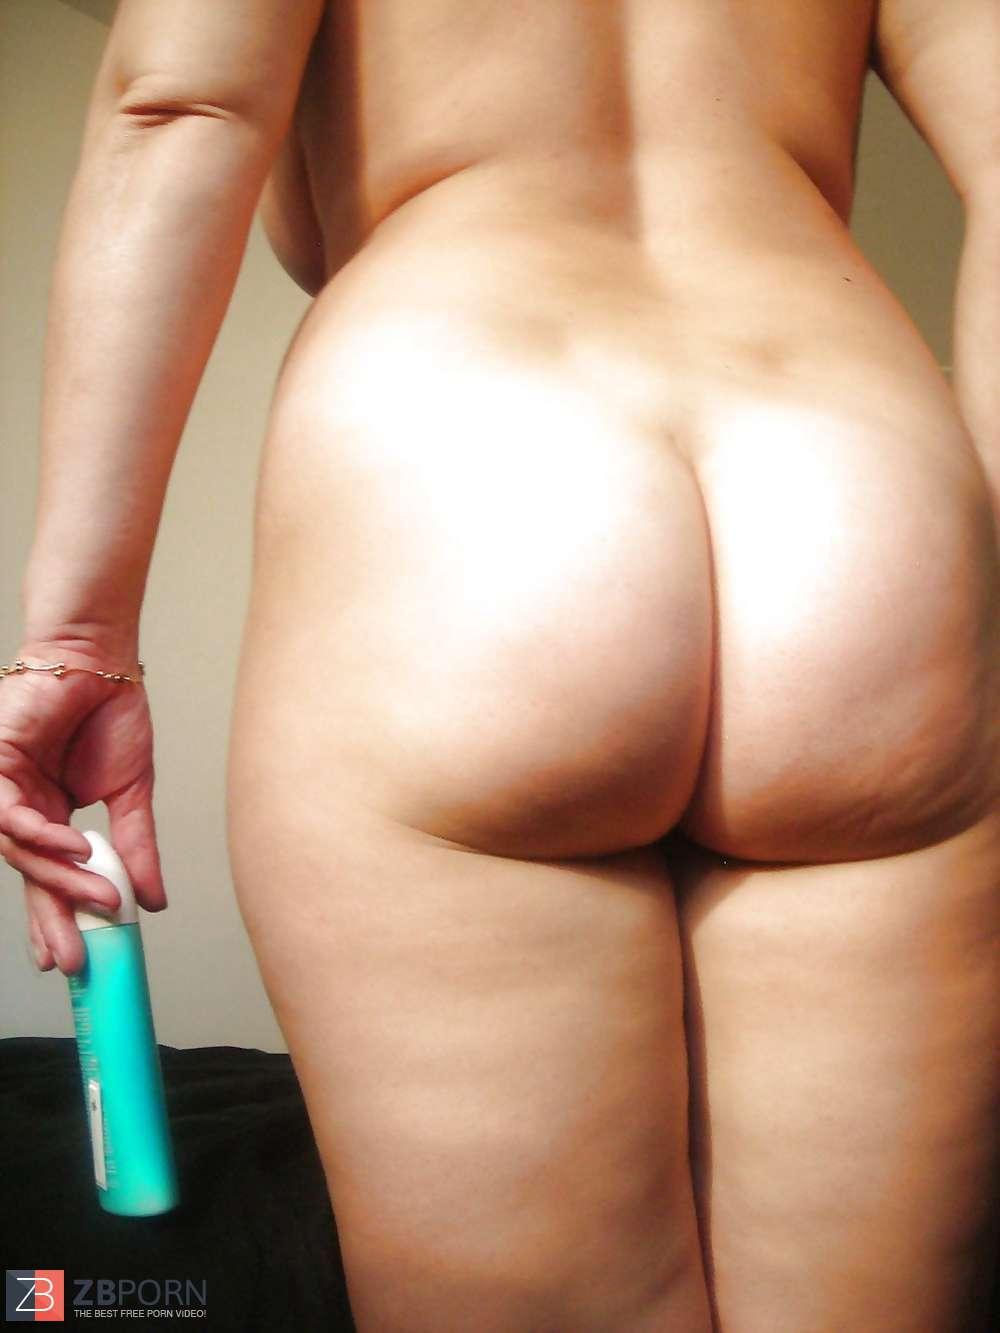 Jean cannon nude